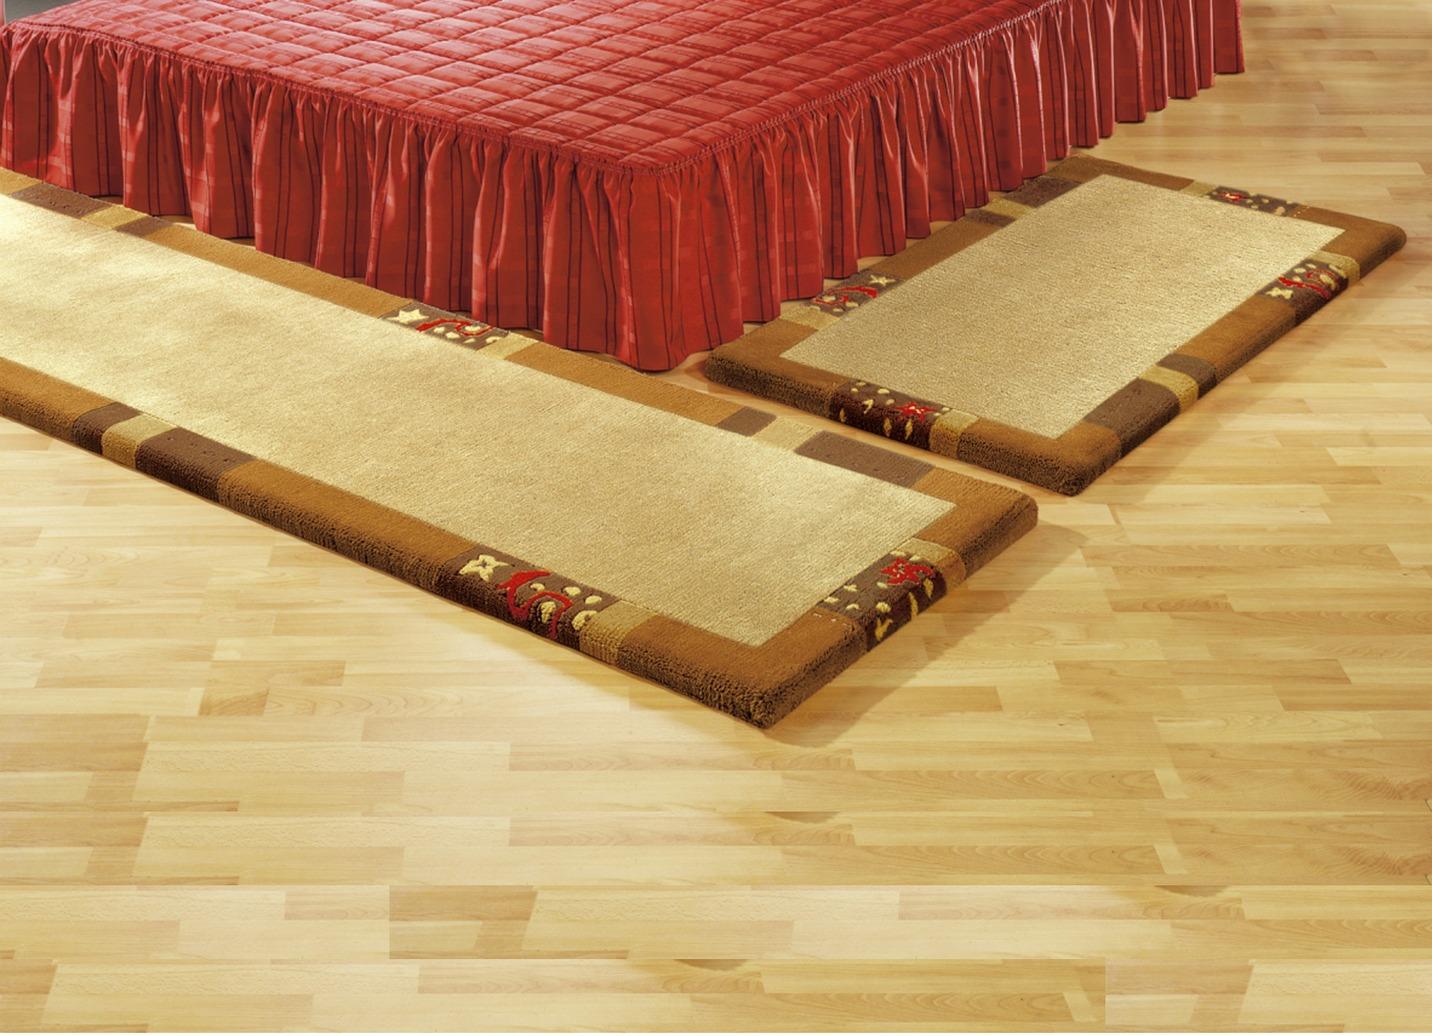 br cken teppiche bettumrandung in verschiedenen farben teppiche bader. Black Bedroom Furniture Sets. Home Design Ideas